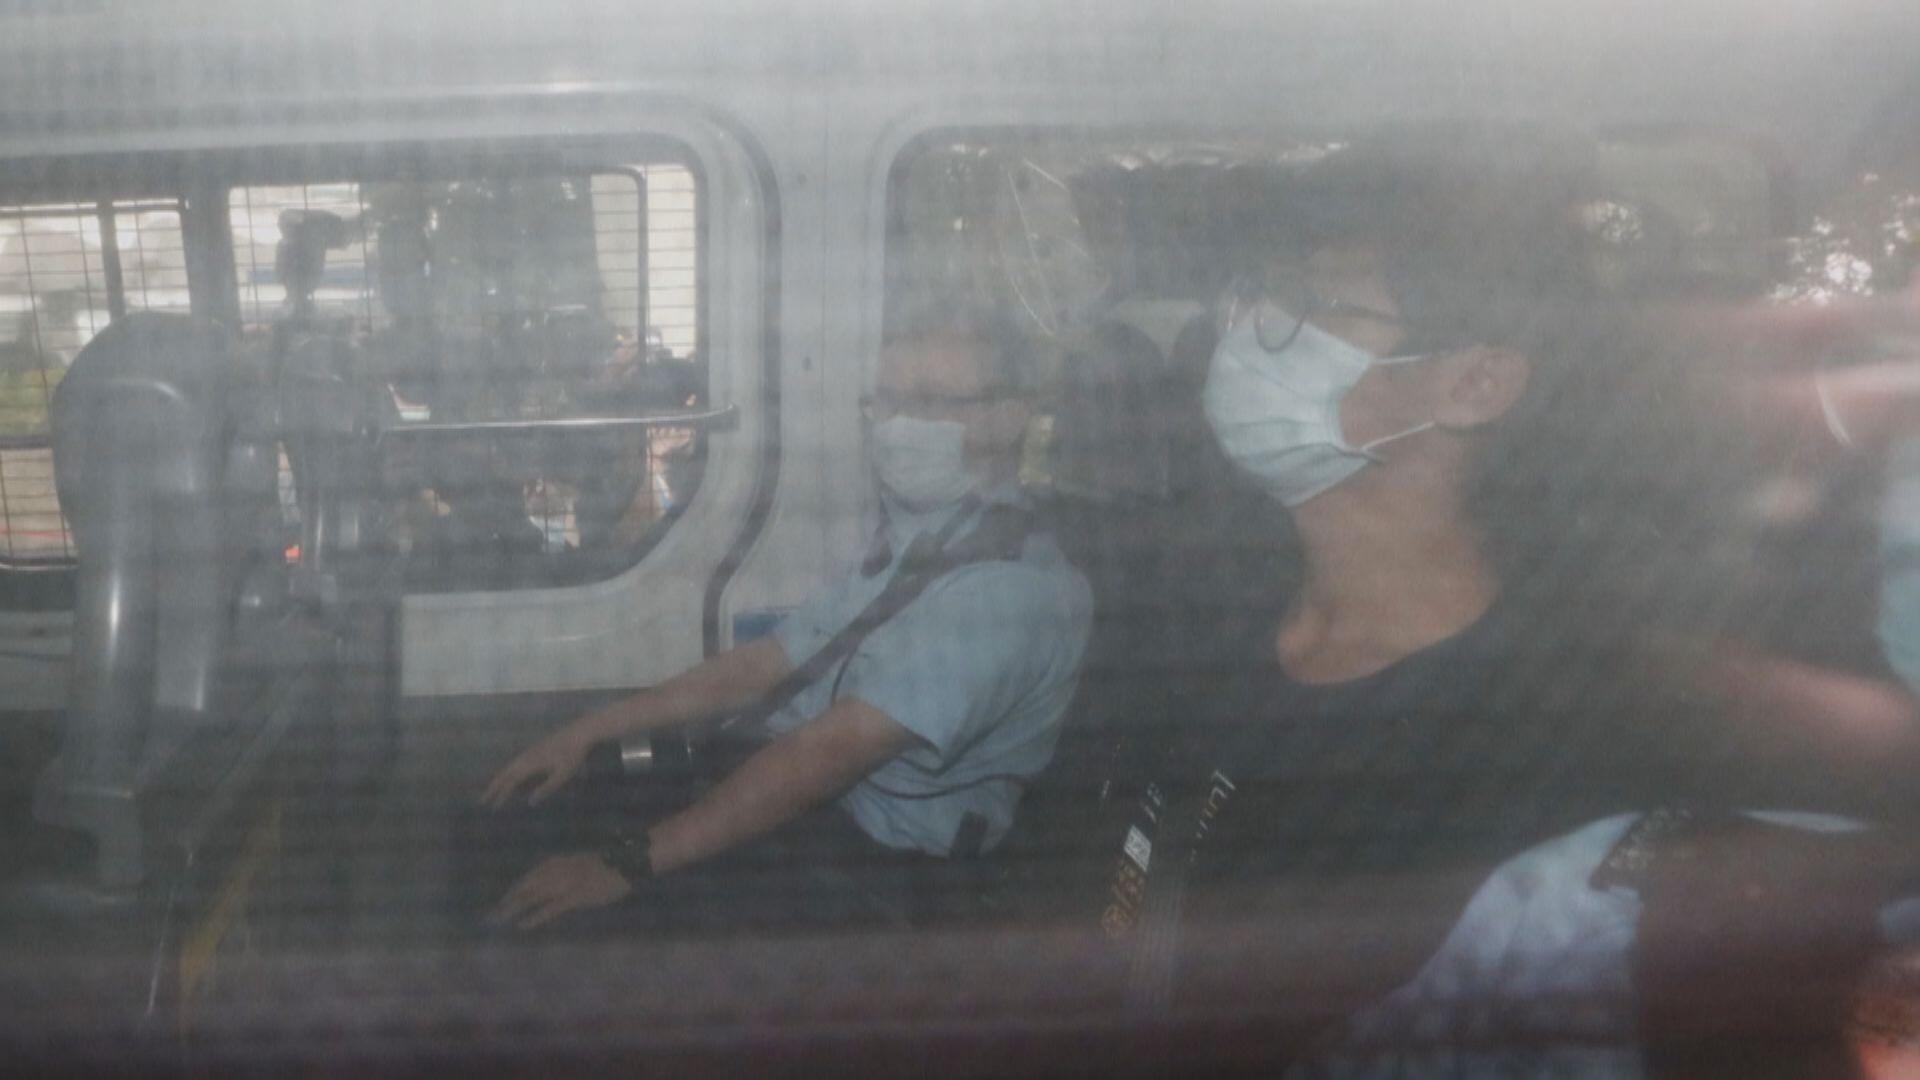 鍾翰林被控分裂國家罪 轉介區院本月廿八日再提堂